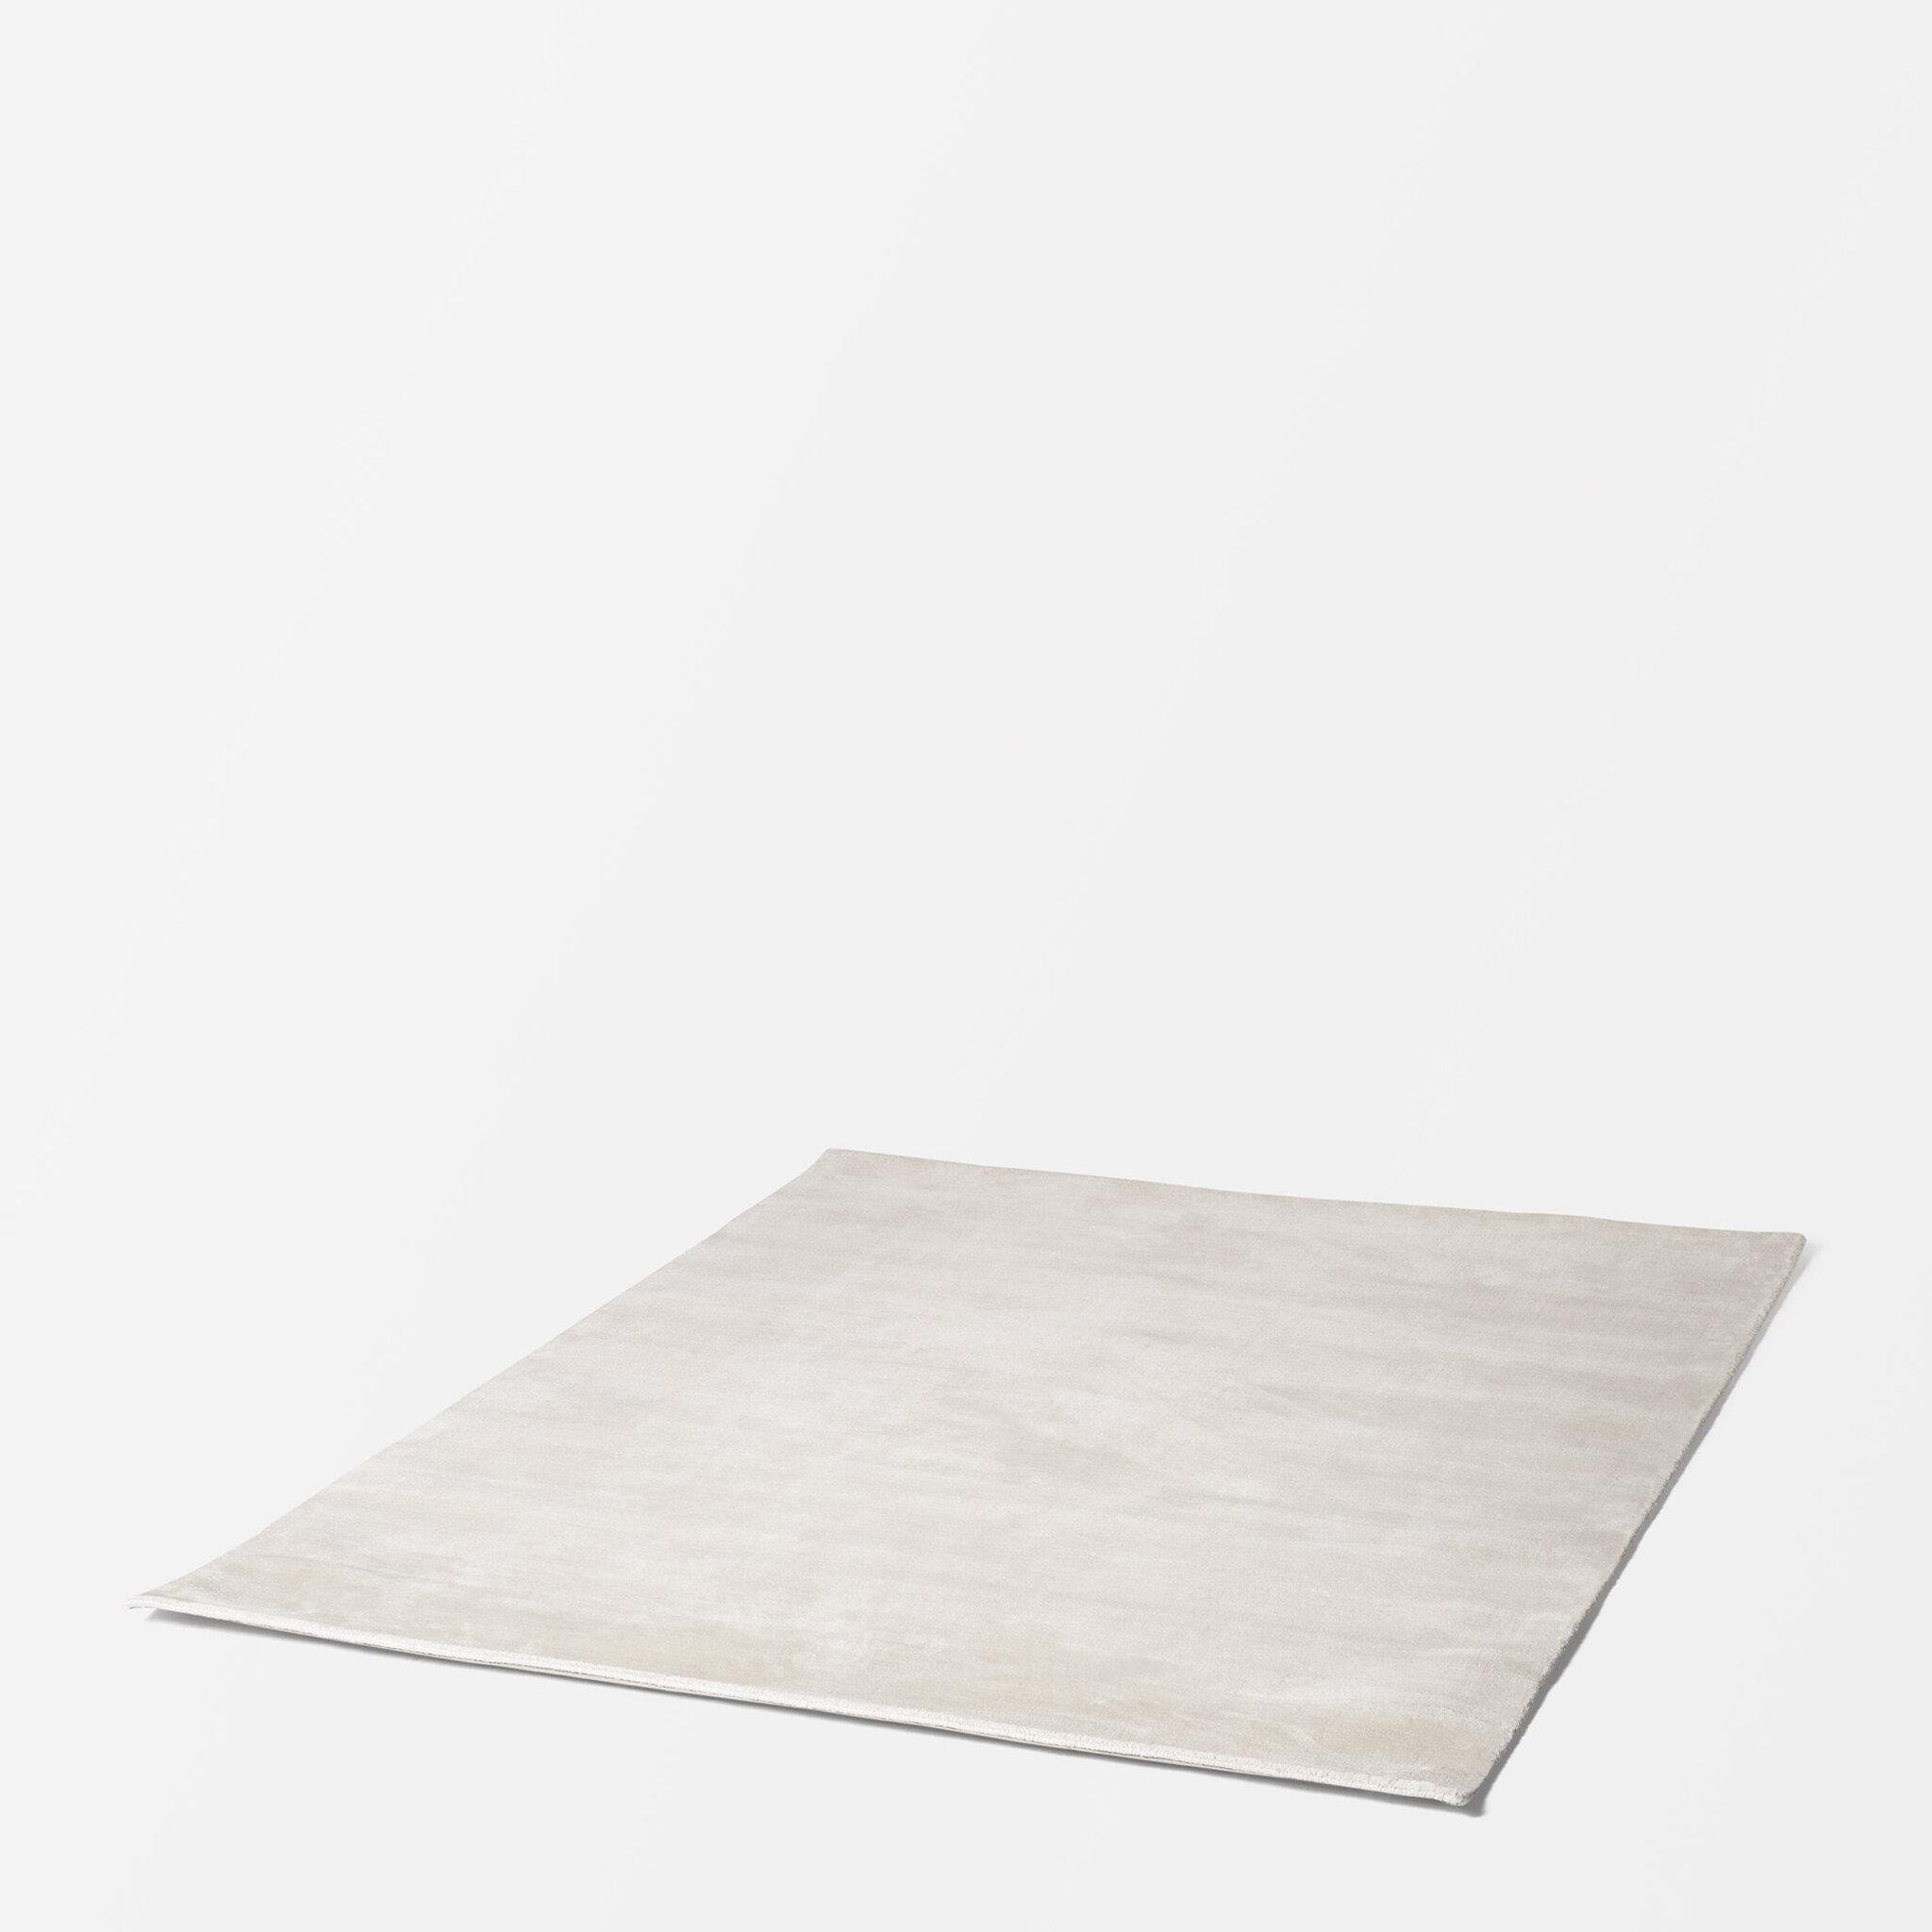 Matta PELLE 200x300 cm